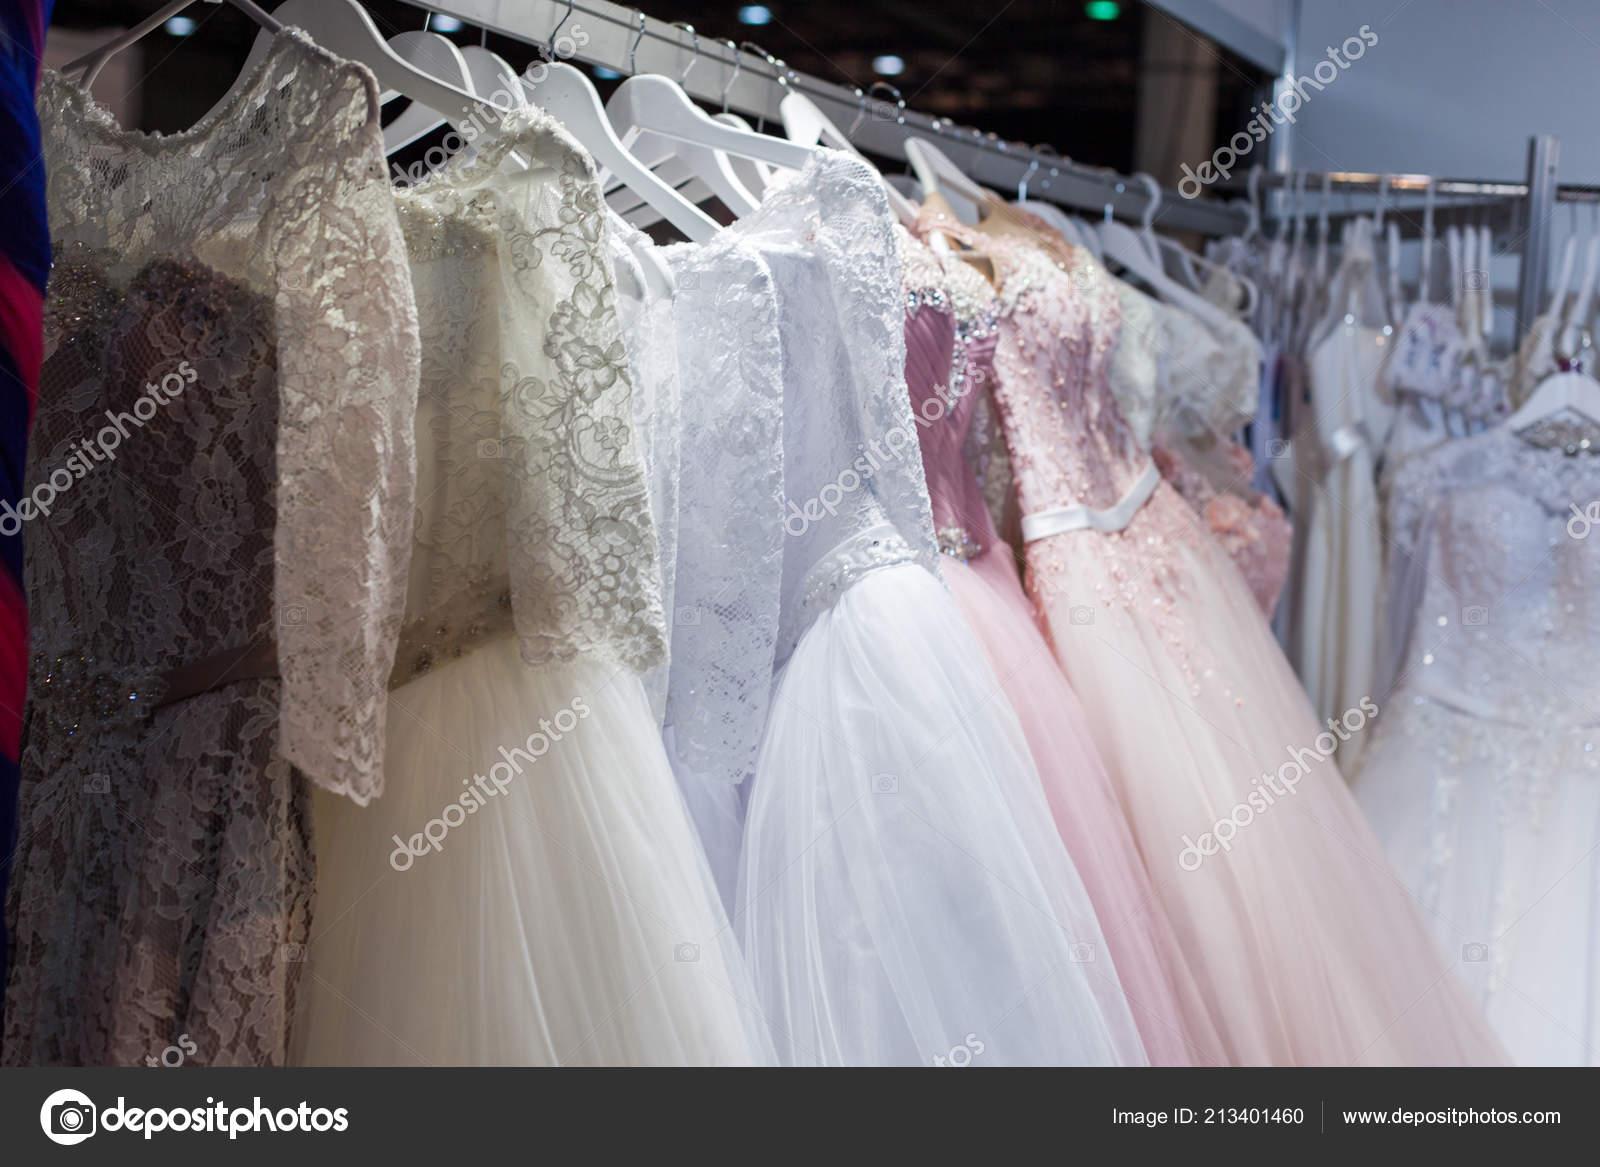 98c80a42aac6 Γάμος και βραδινά φορέματα κρέμεται σε ένα ράφι στο κατάστημα — Εικόνα από  ...